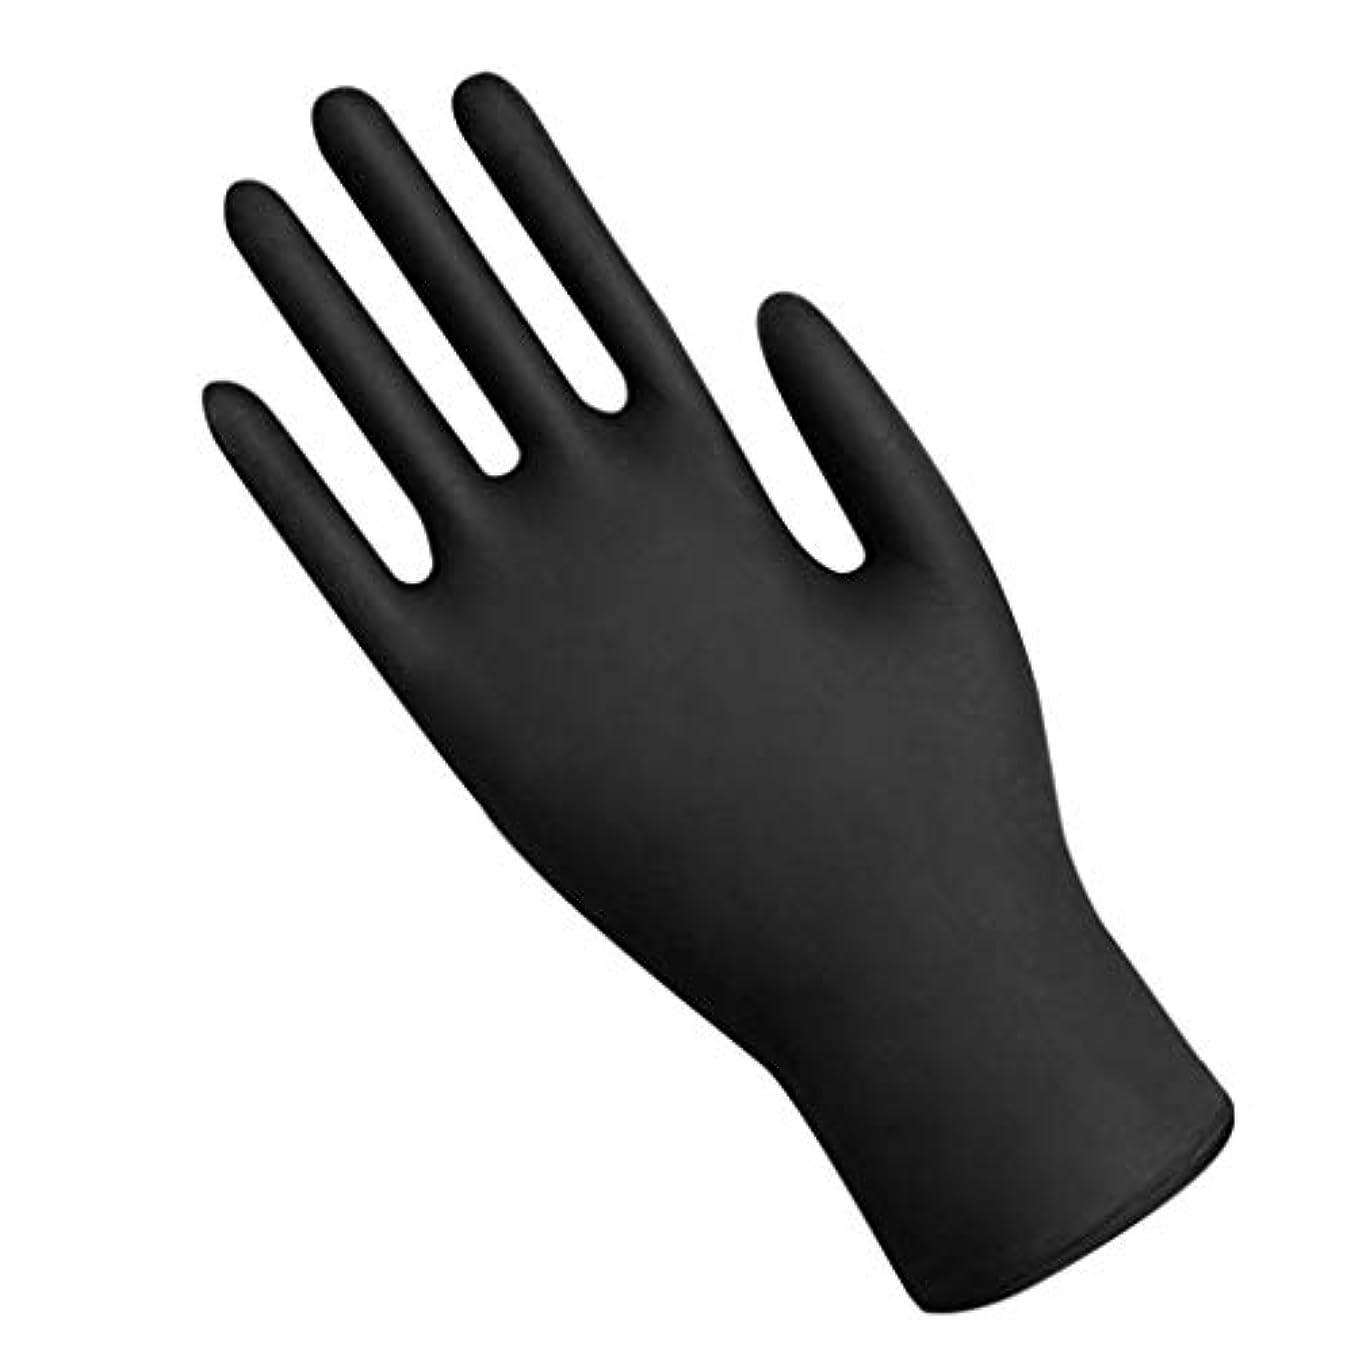 呼びかける祈るぼかしLazayyi 50枚入 シルク手袋 手袋 使い捨て手袋 手荒い 滑りにくい 超弾性 (L, ブラック)